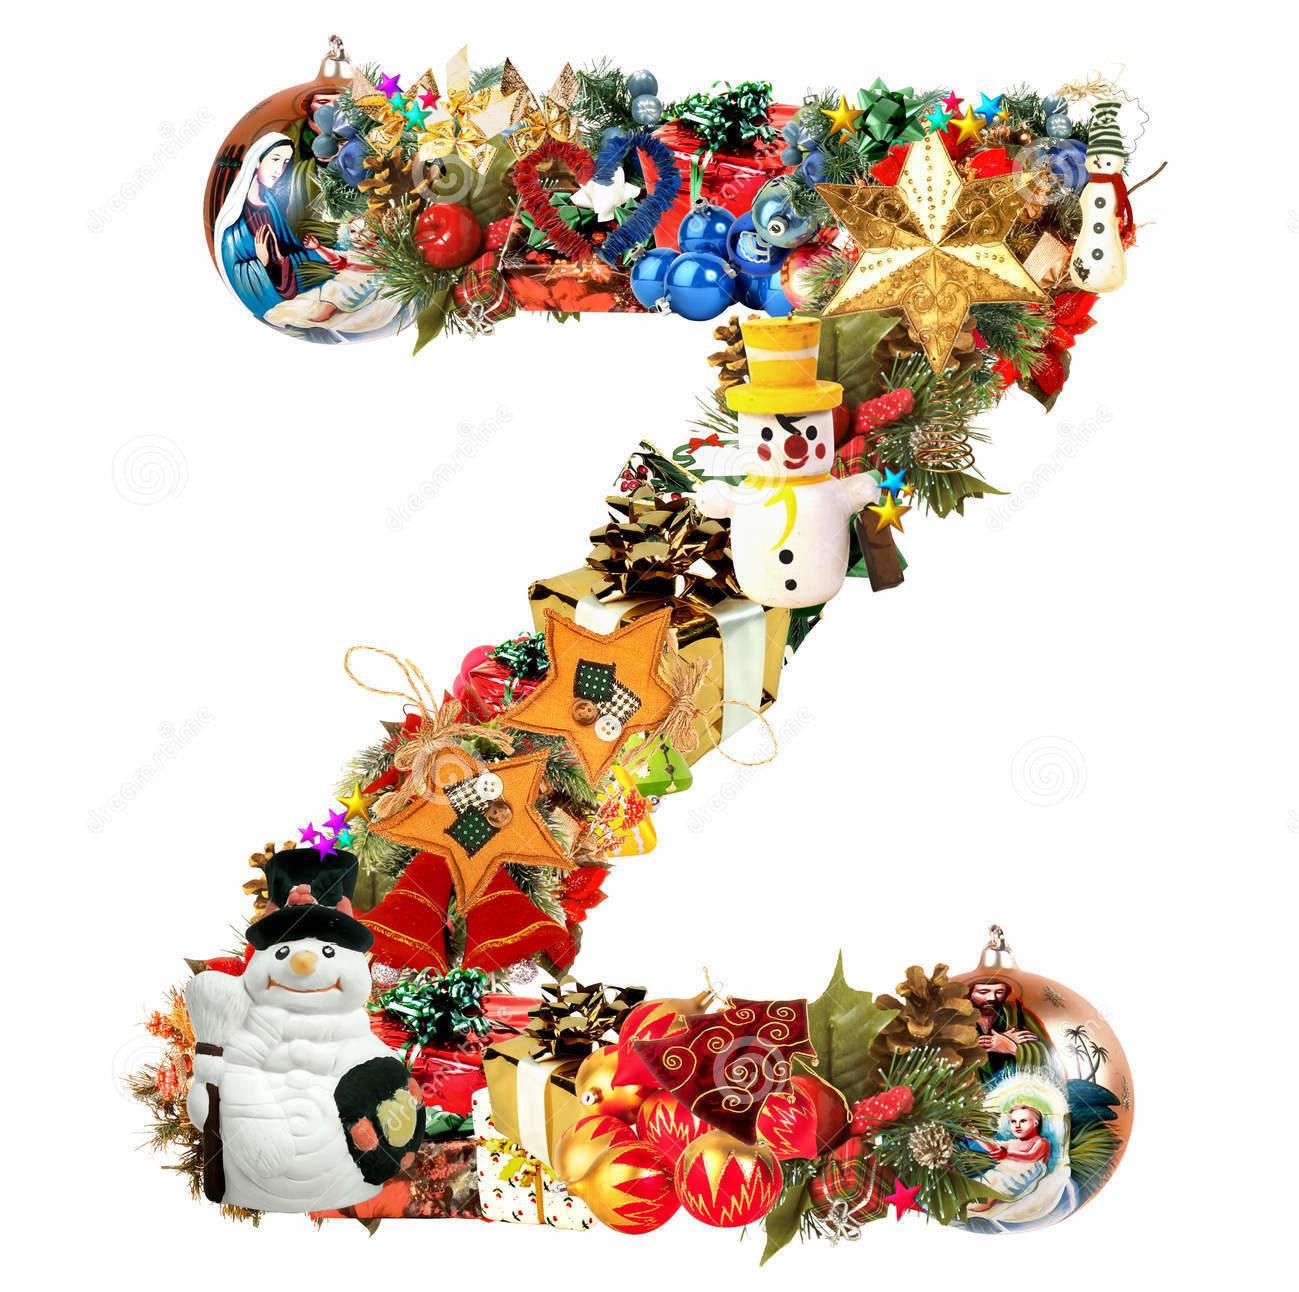 حرف z بتصميم رأس السنة و الكريسماس.